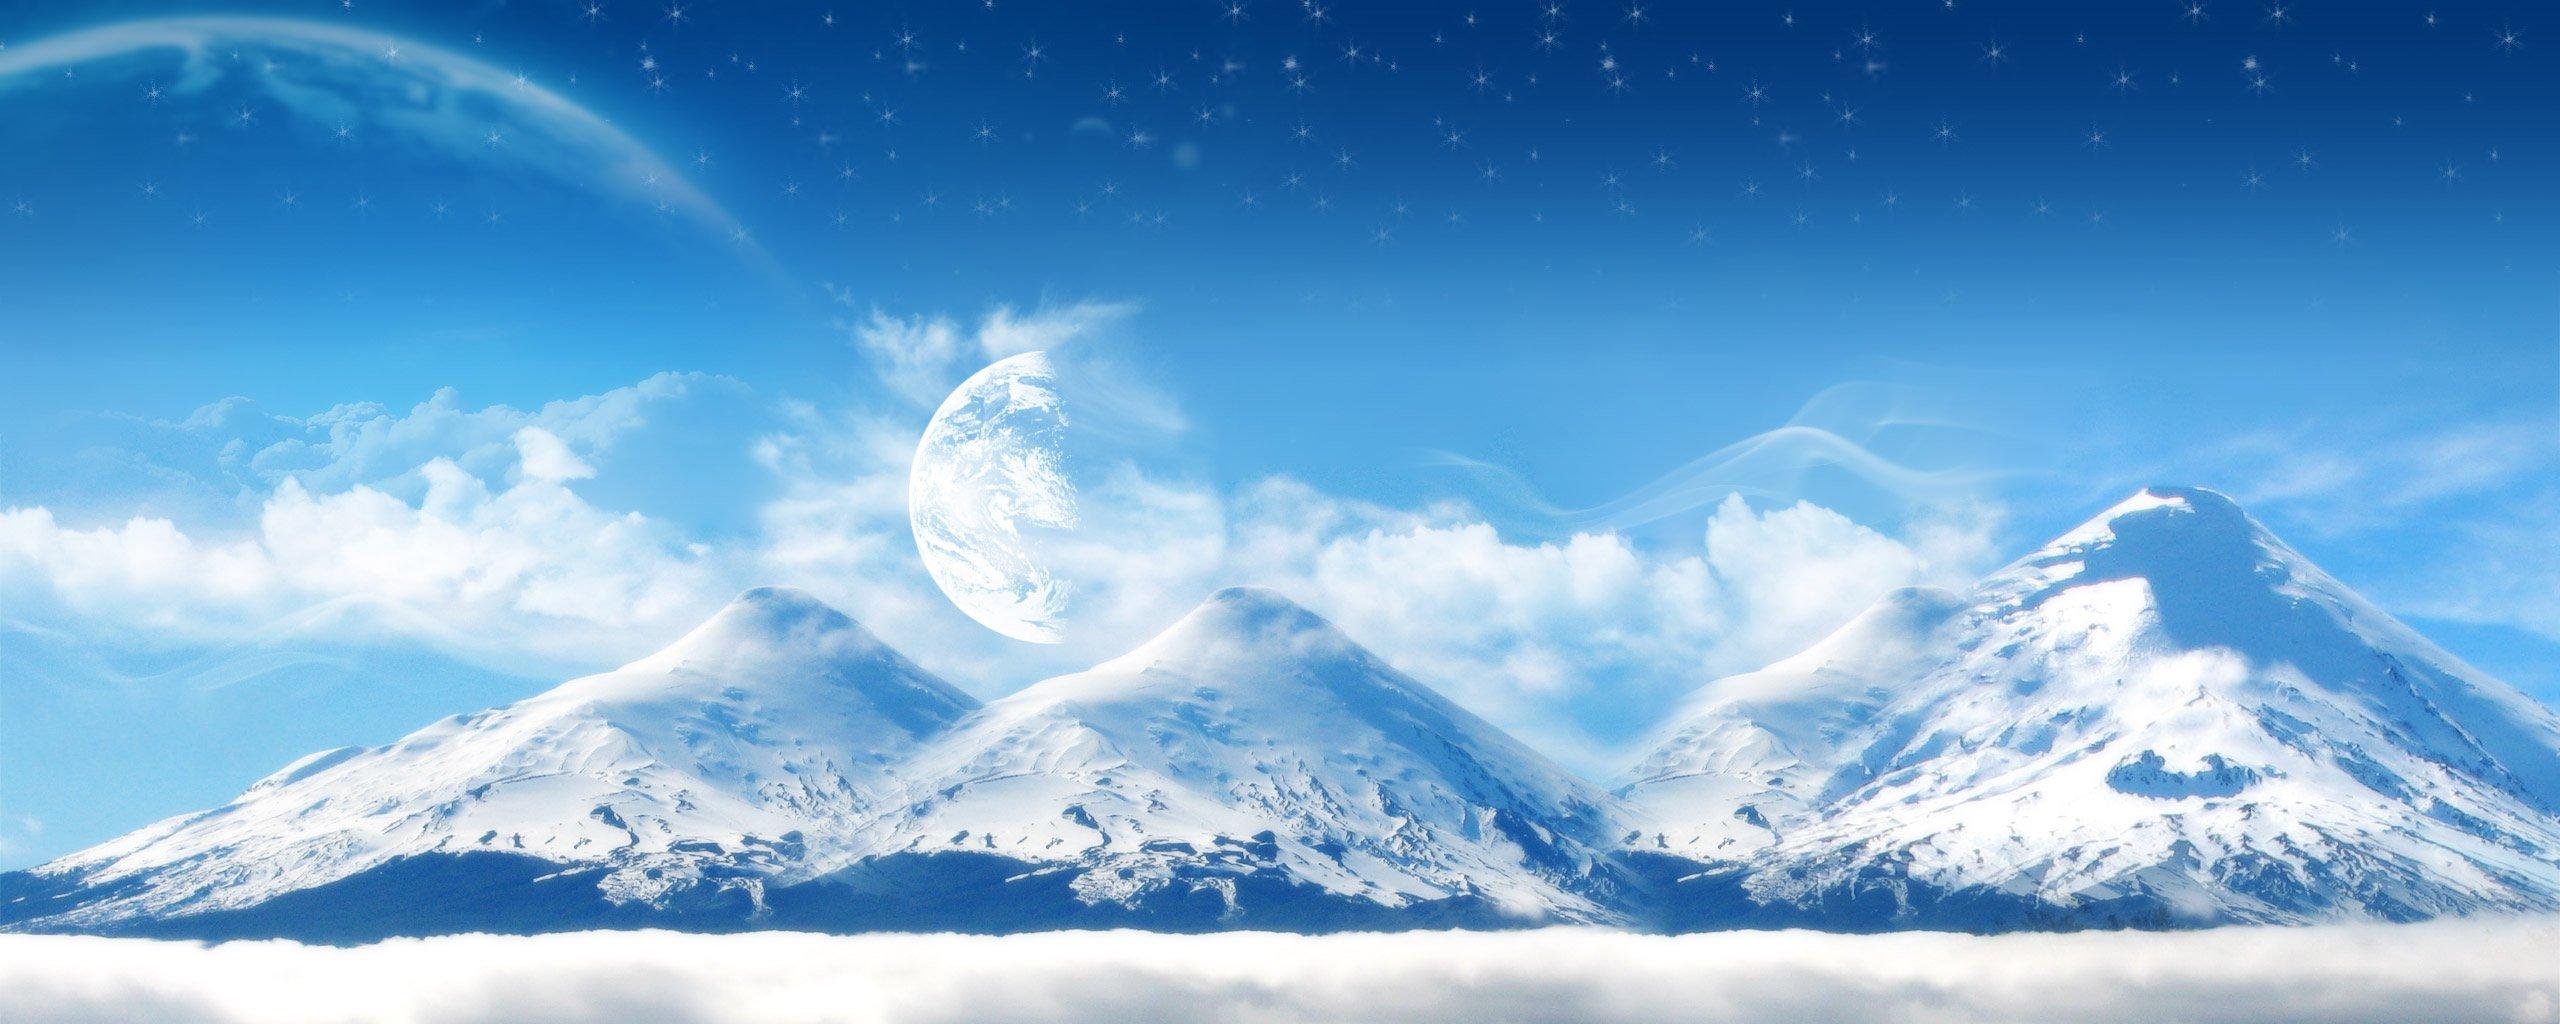 снежные горы небо солнце скачать